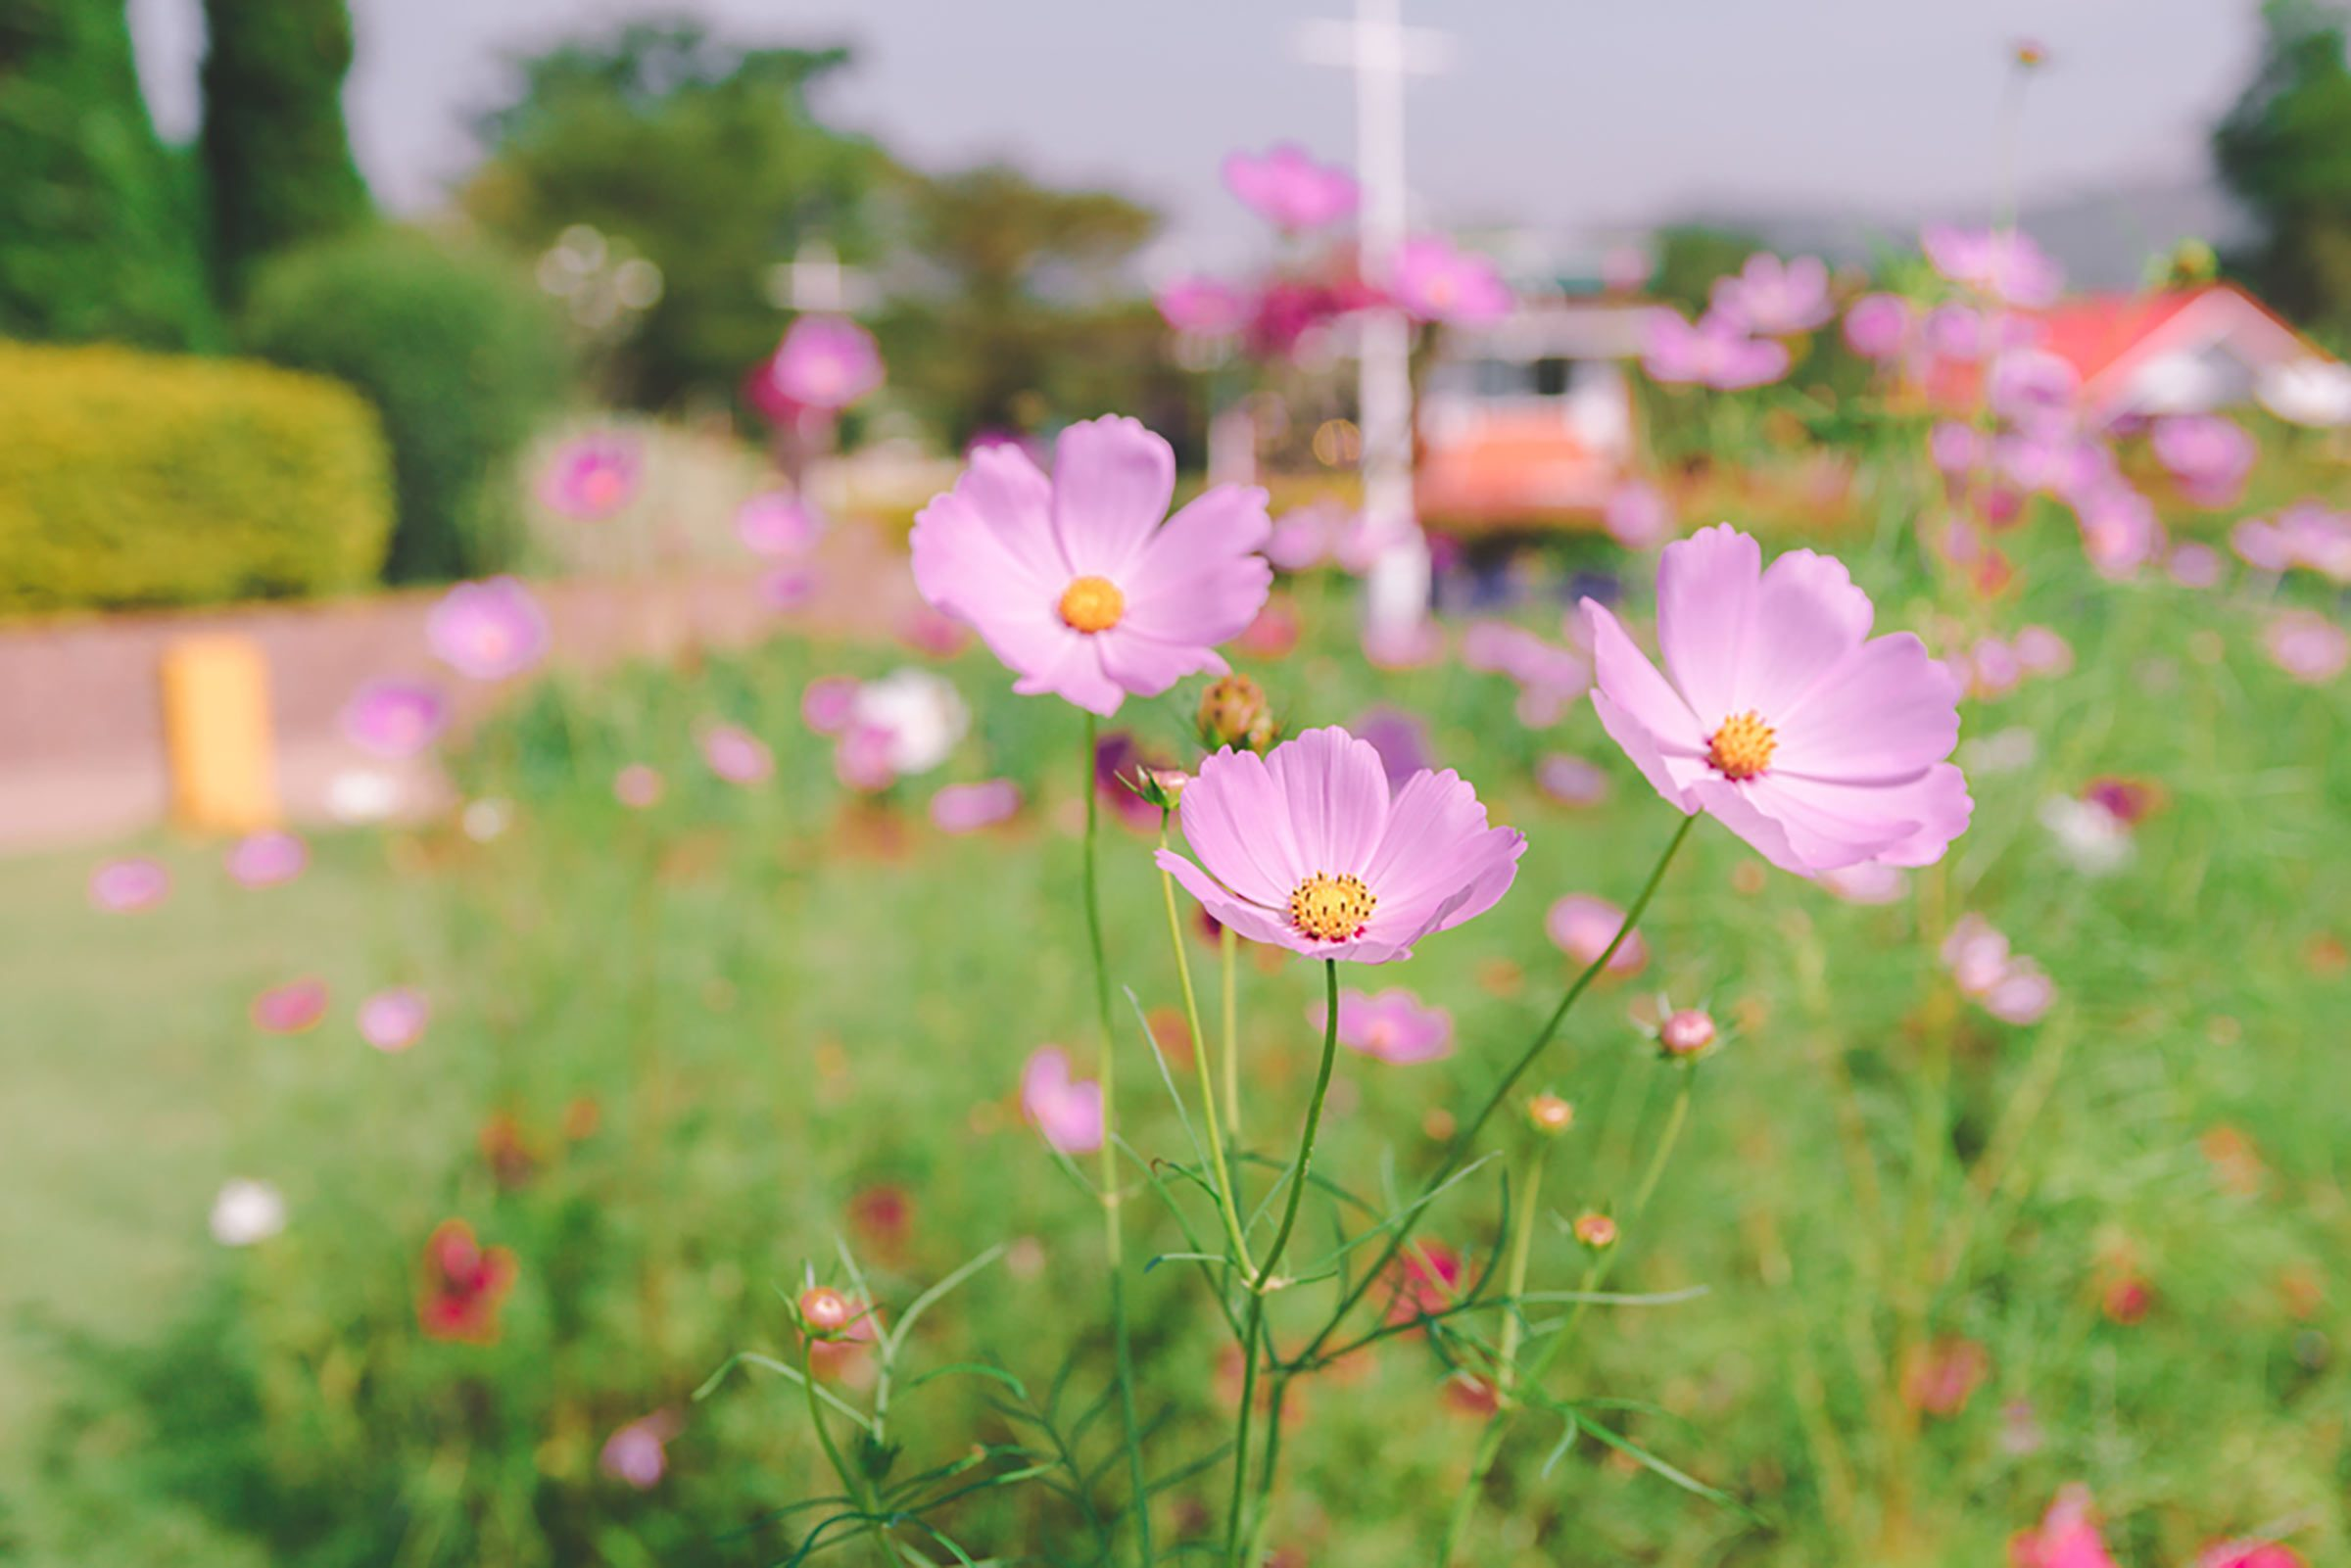 Le pollen et brûlure d'estomac, signes d'allergies